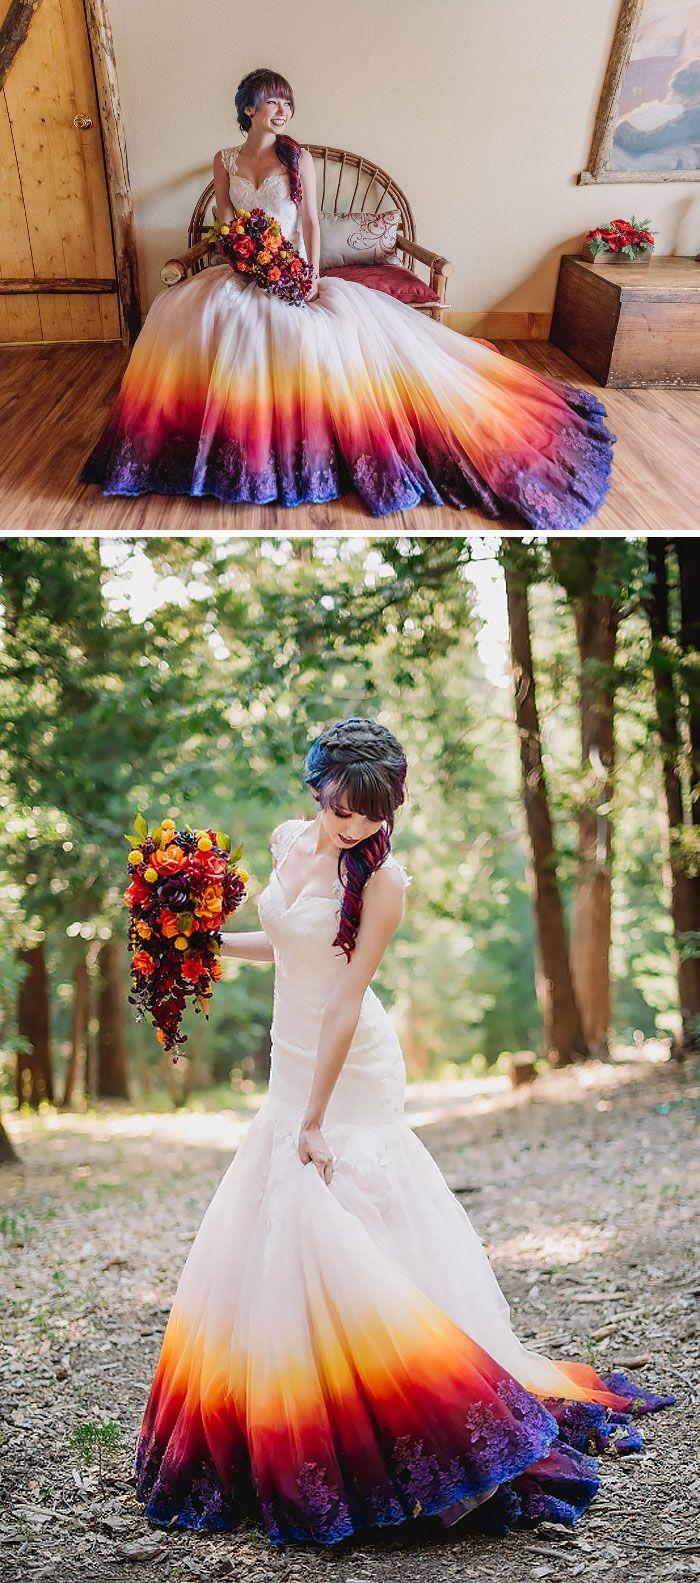 Esses vestidos de casamento dip dye degradê conquistaram a